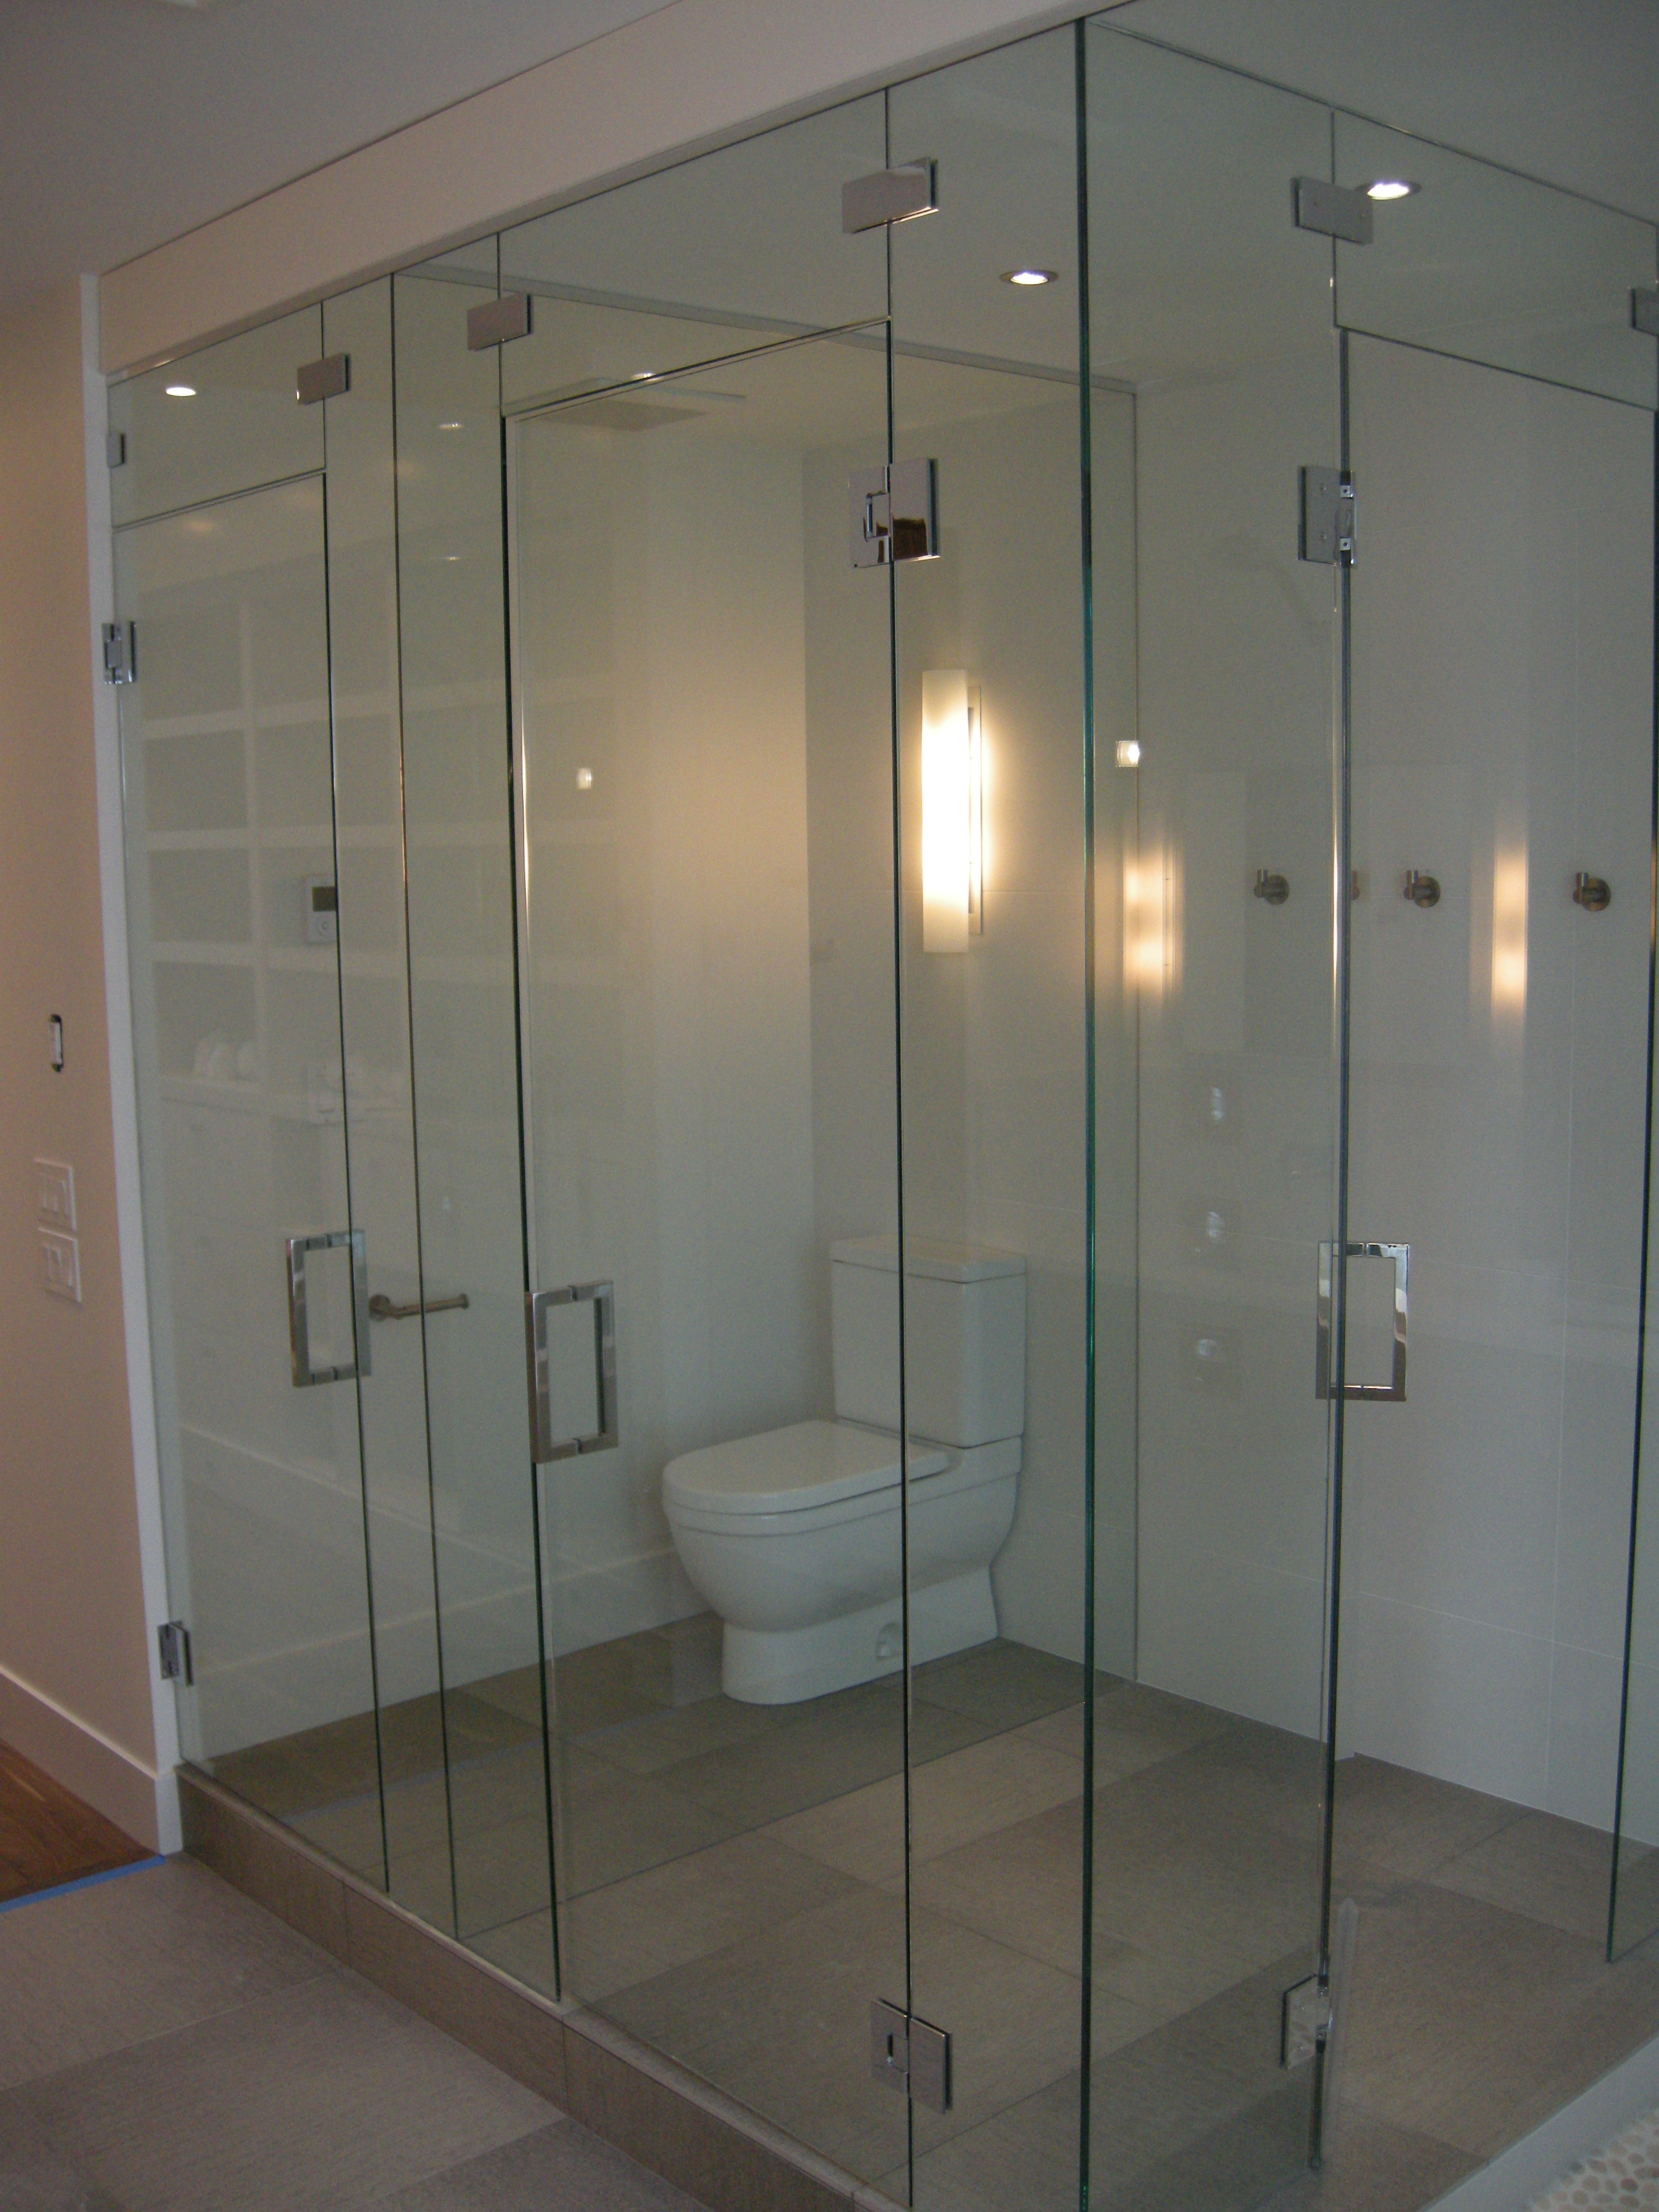 Frameless Shower Doors House Of Mirrors Glass